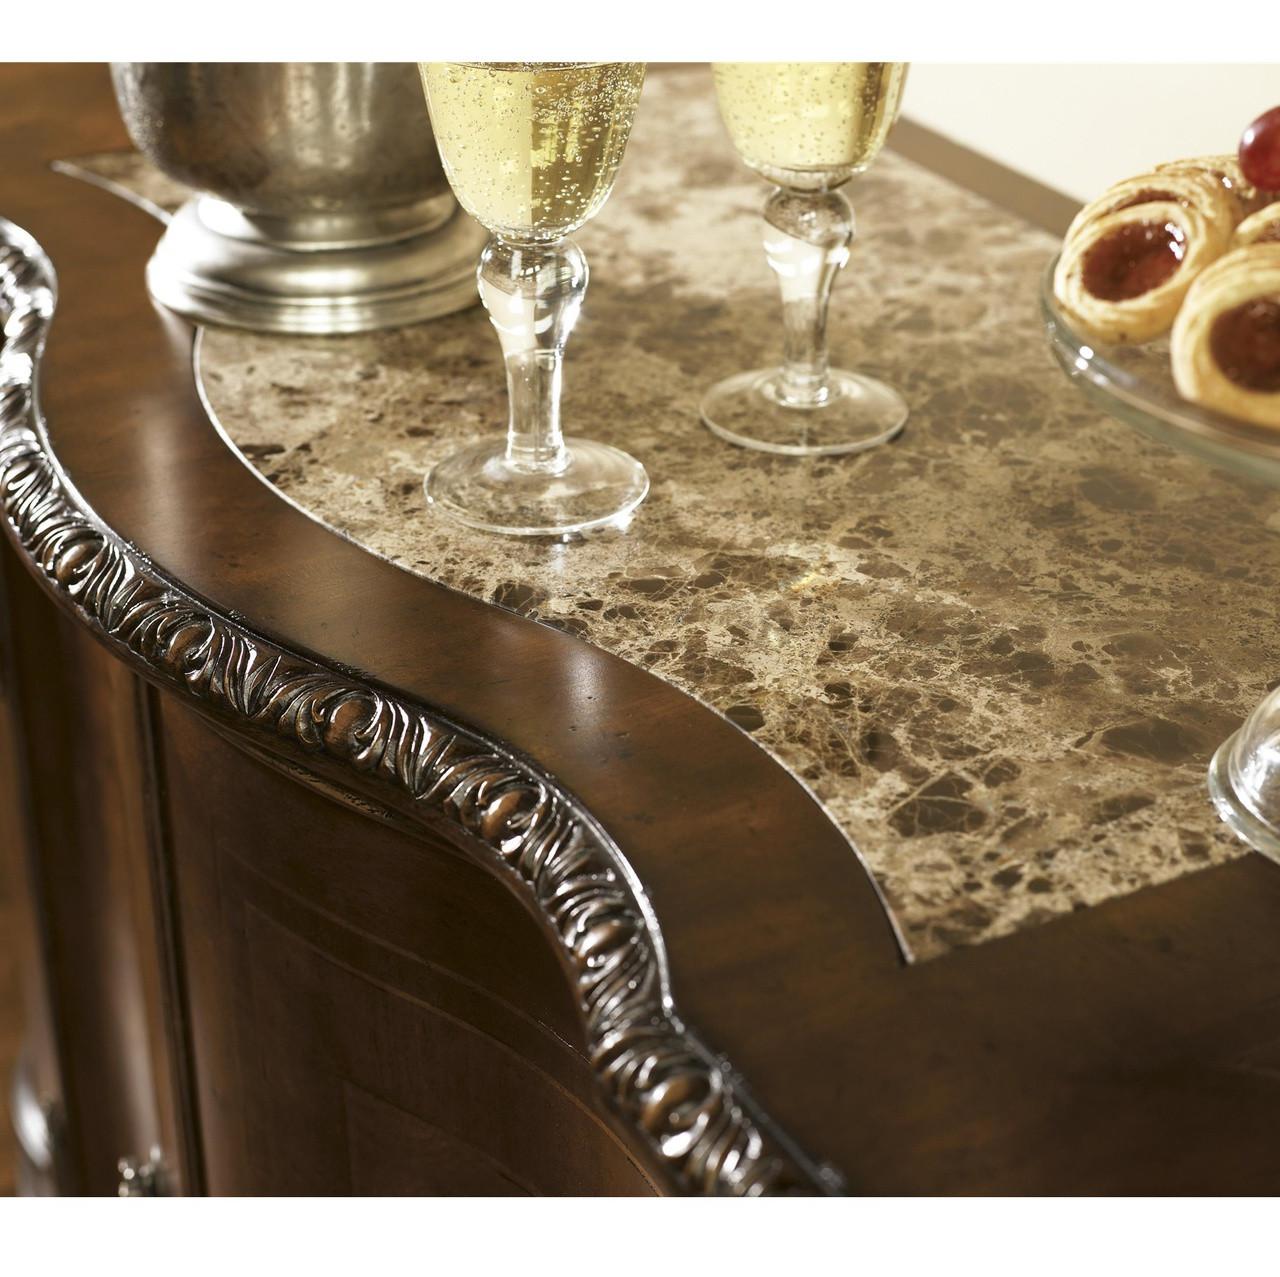 universal bolero castile credenza spanish style furniture marble top credenza - Wine Credenza